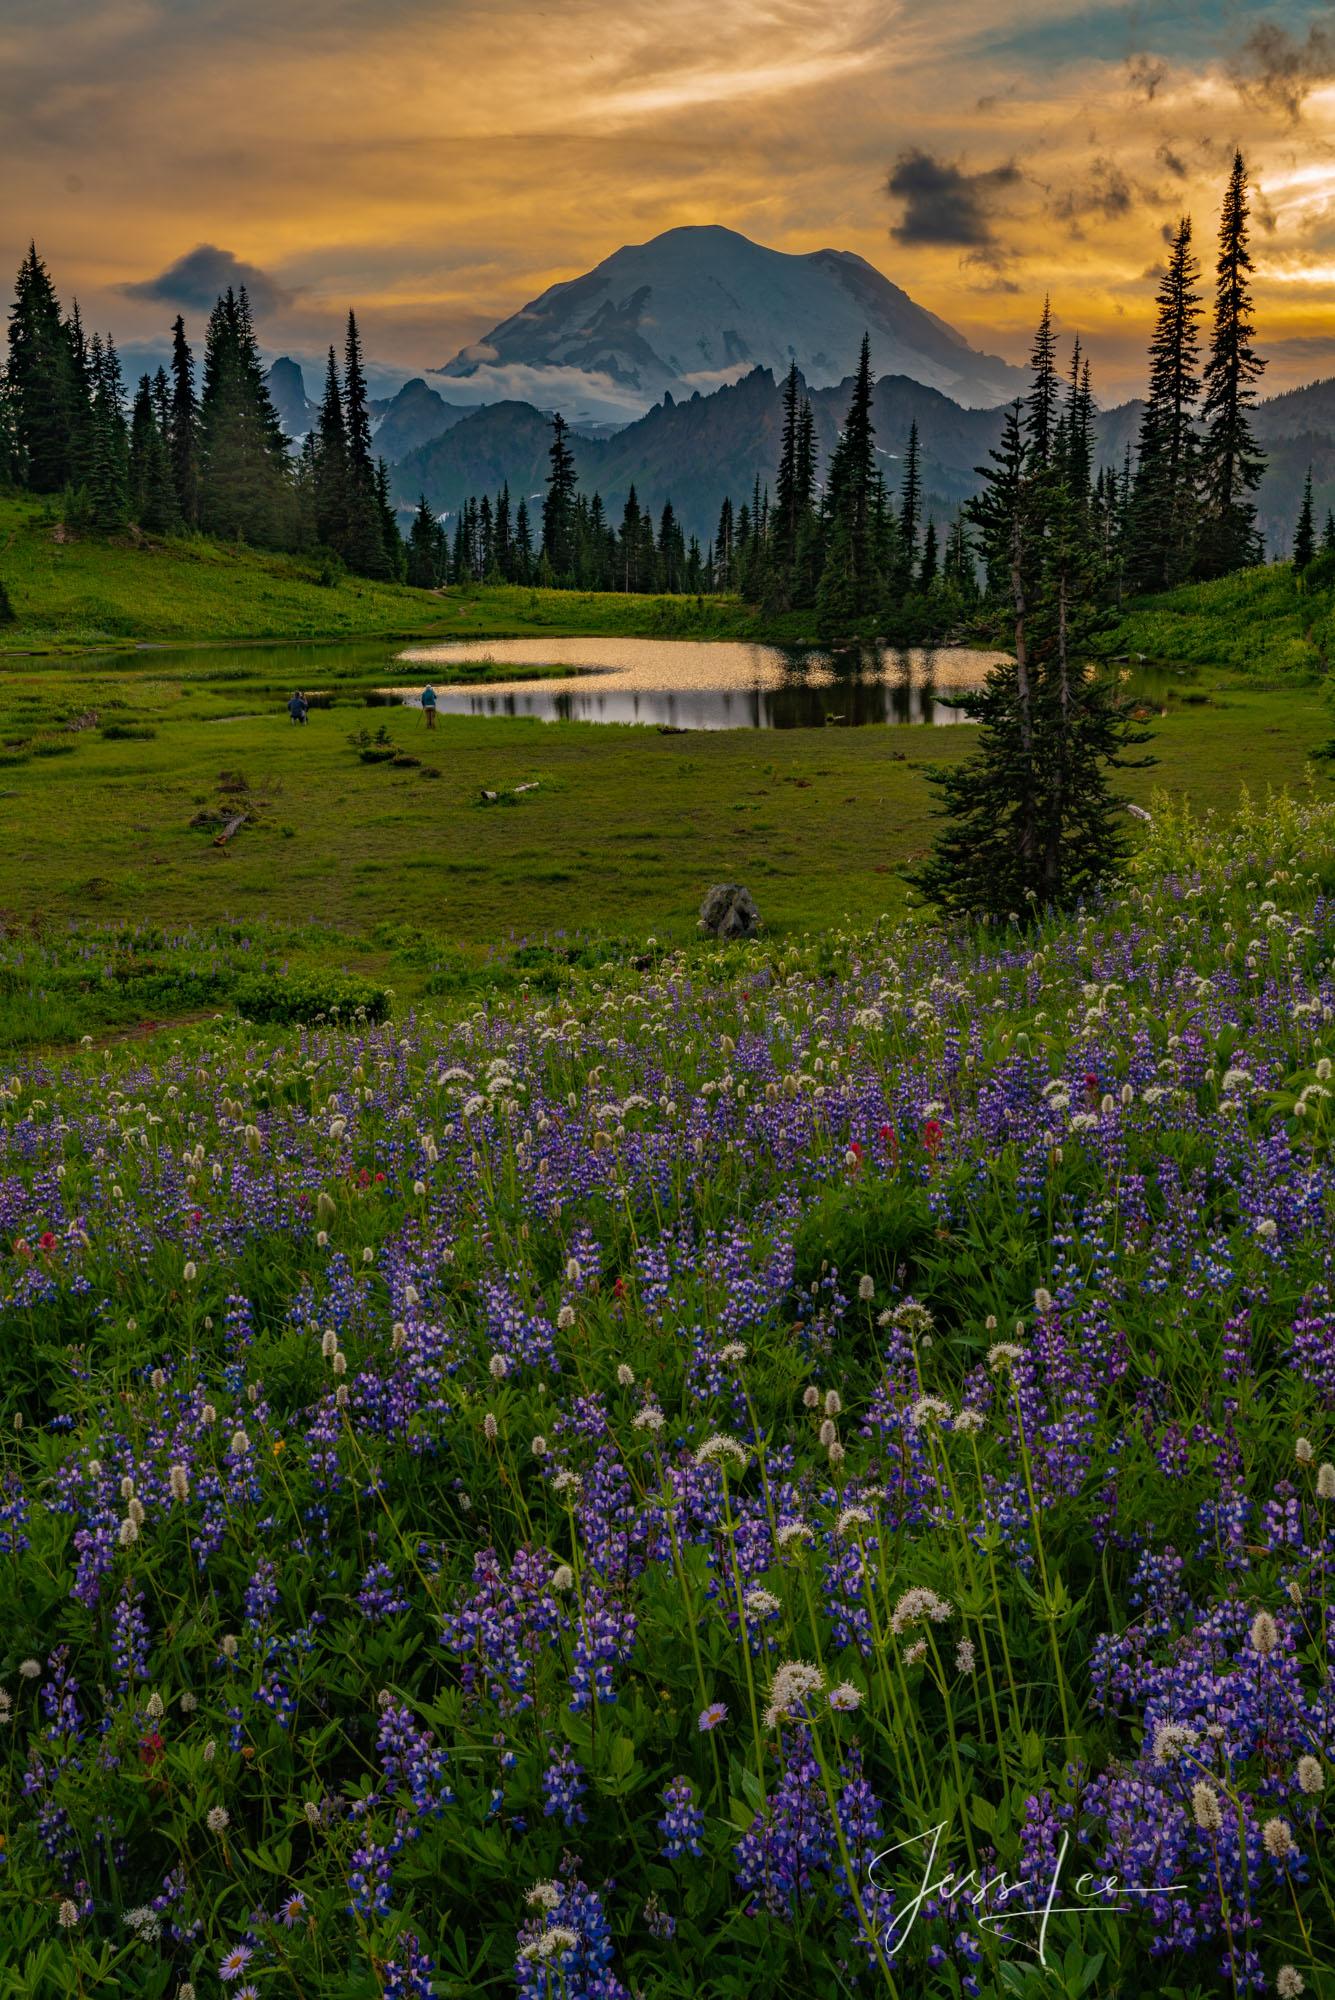 photo of Mount Rainier at sunset, Washington landscape photography, Pacific Northwest, PNW, lupine, flowers, sunset, sundown, summer, Tipsoo Lake, water, National Parks , photo